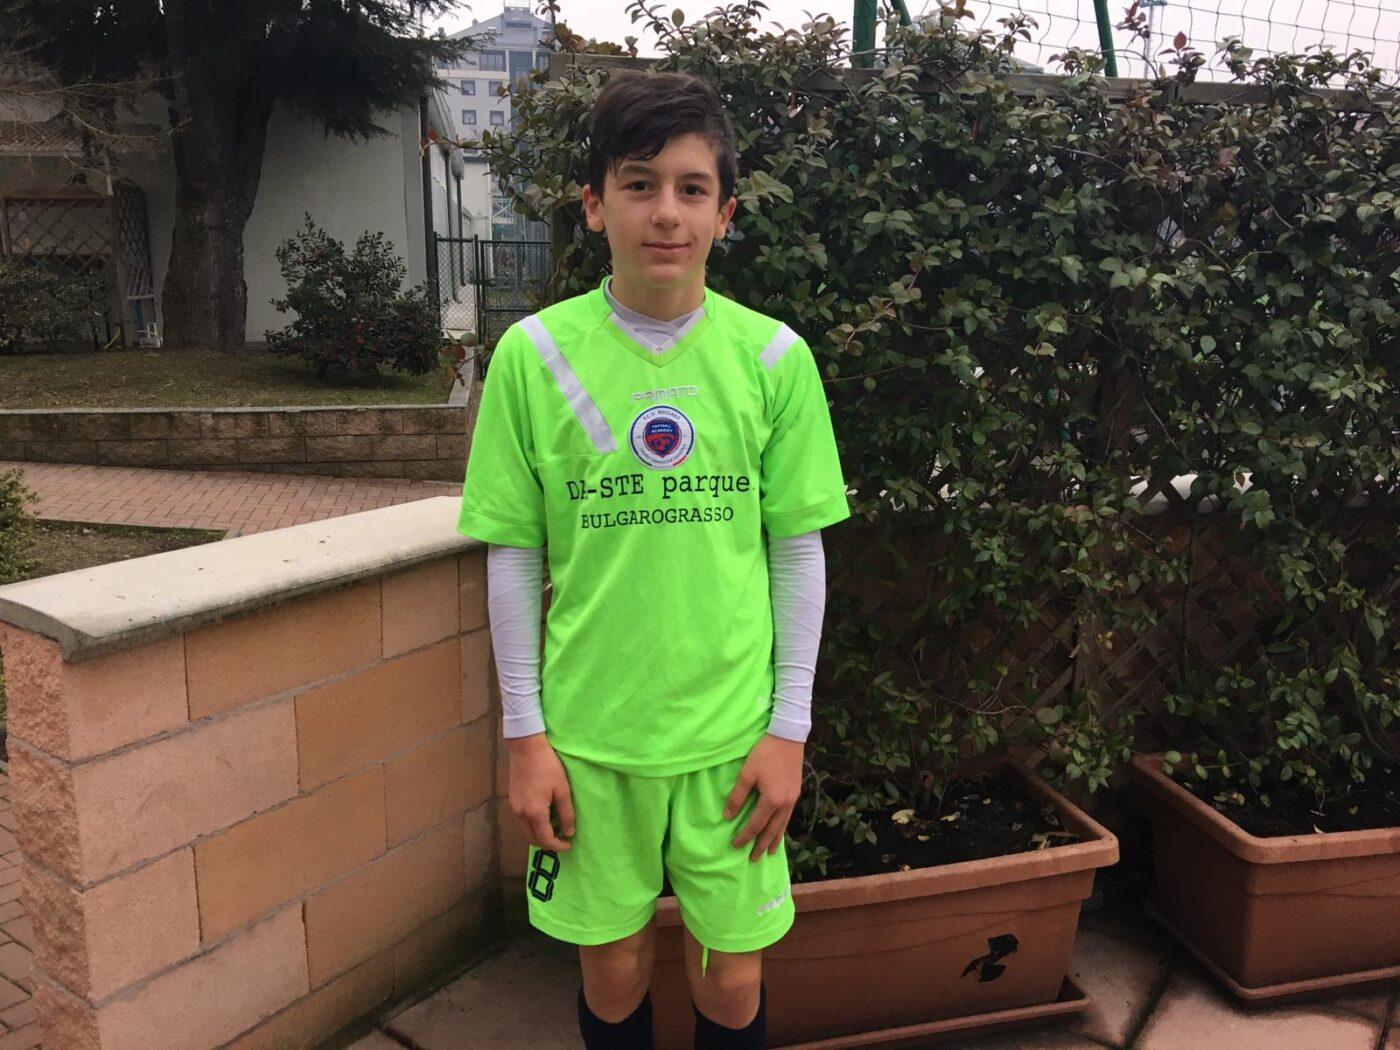 Bulgaro Under 14, Riccaboni Leonardo